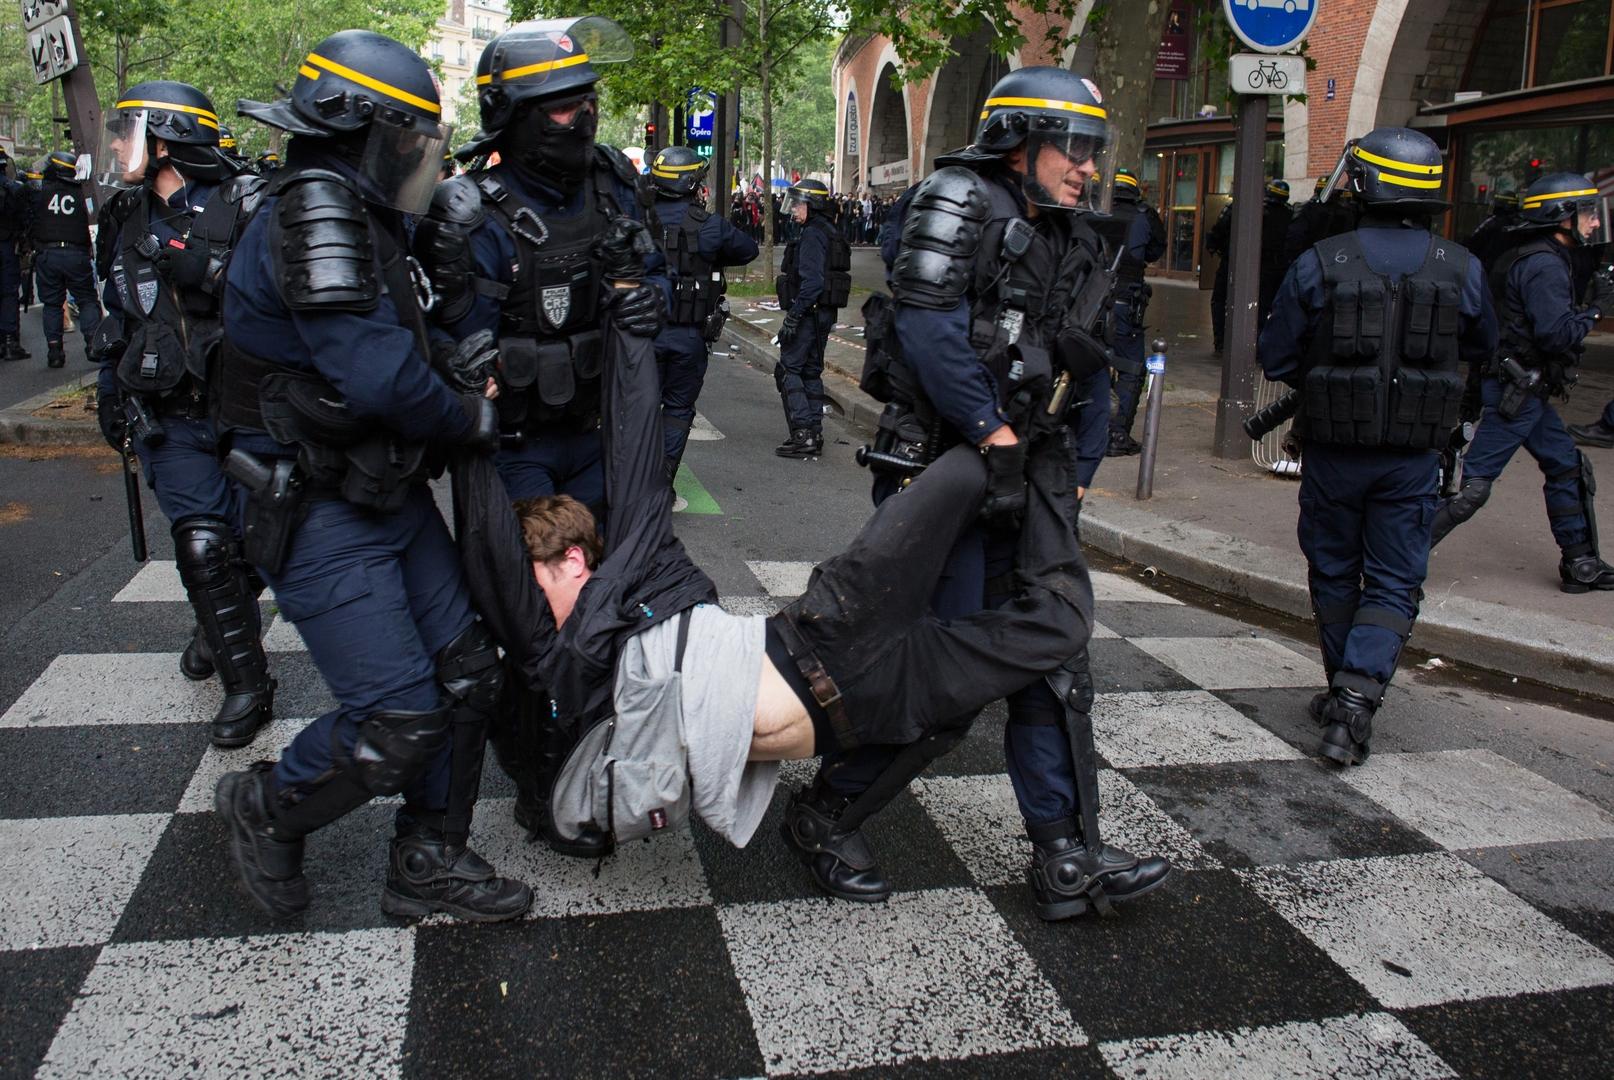 العفو الدولية تحذر من تنامي عنف الشرطة الفرنسية ضد المتظاهرين